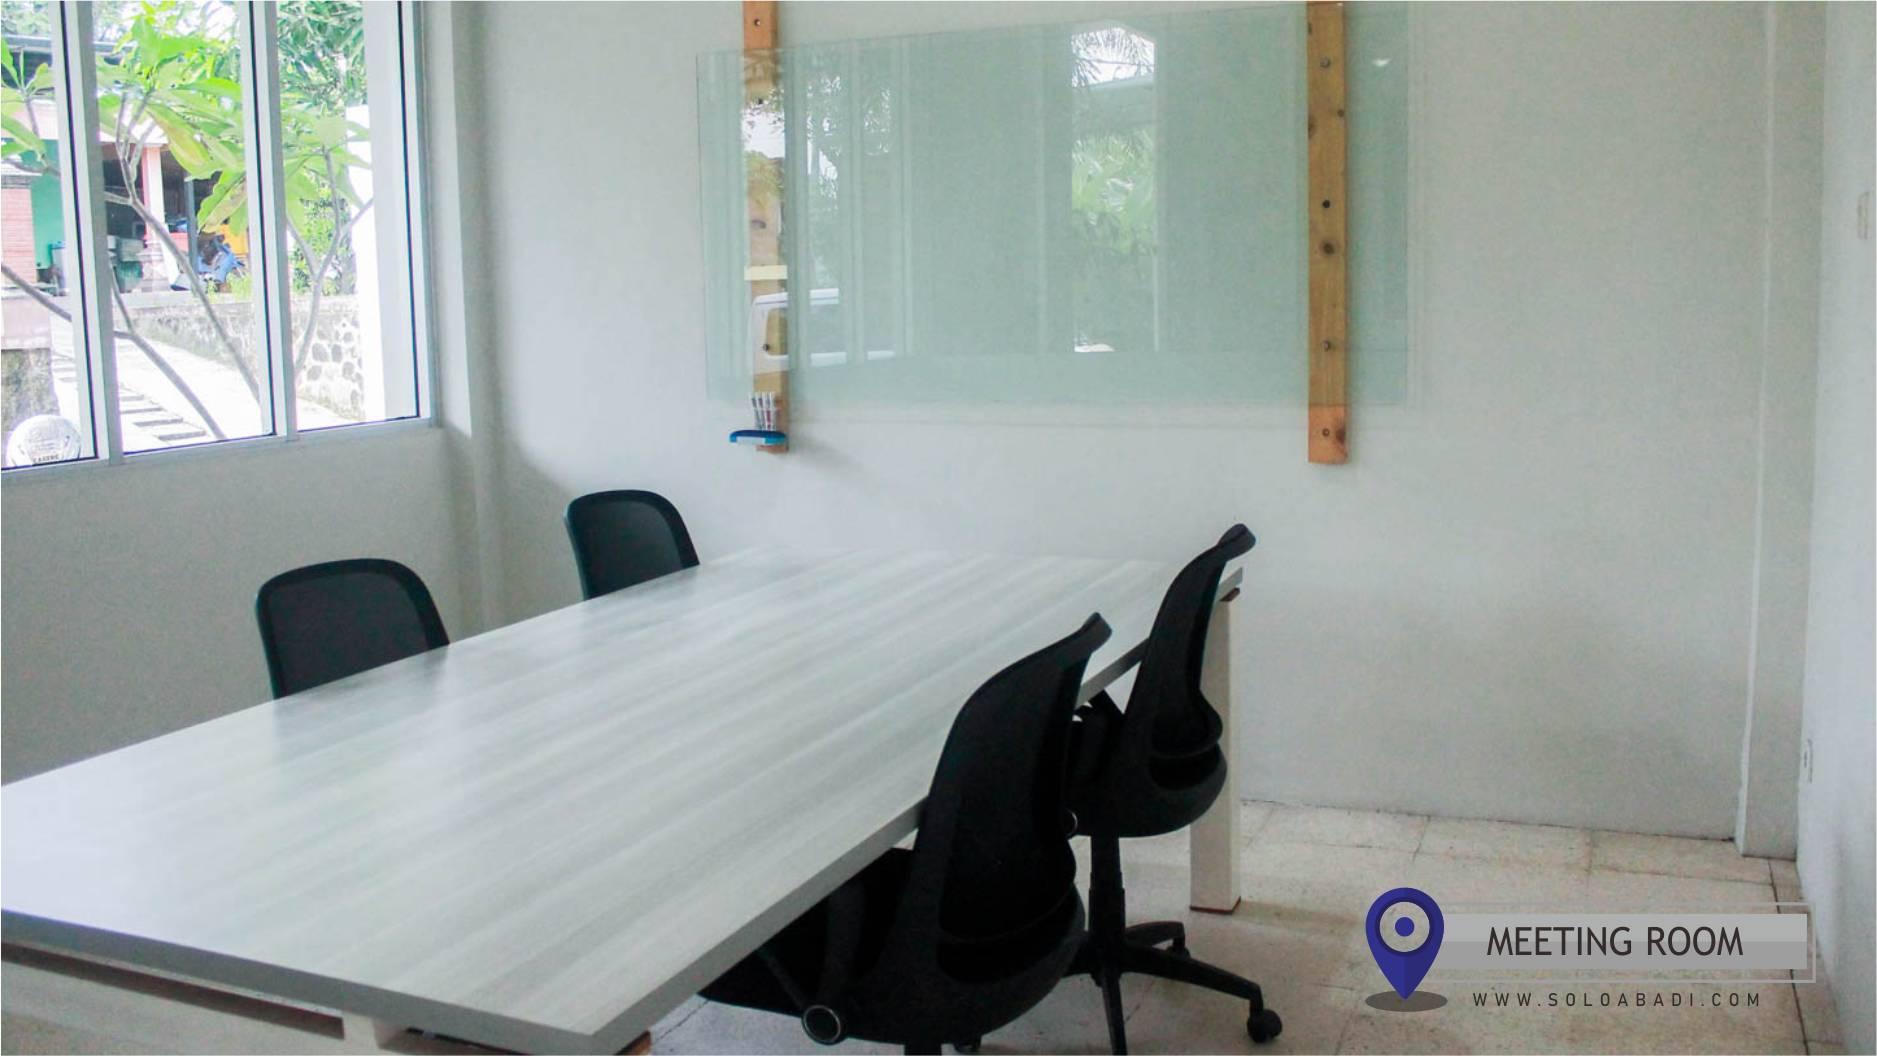 Meeting Room Solo Abadi untuk berbincang dengan tamu